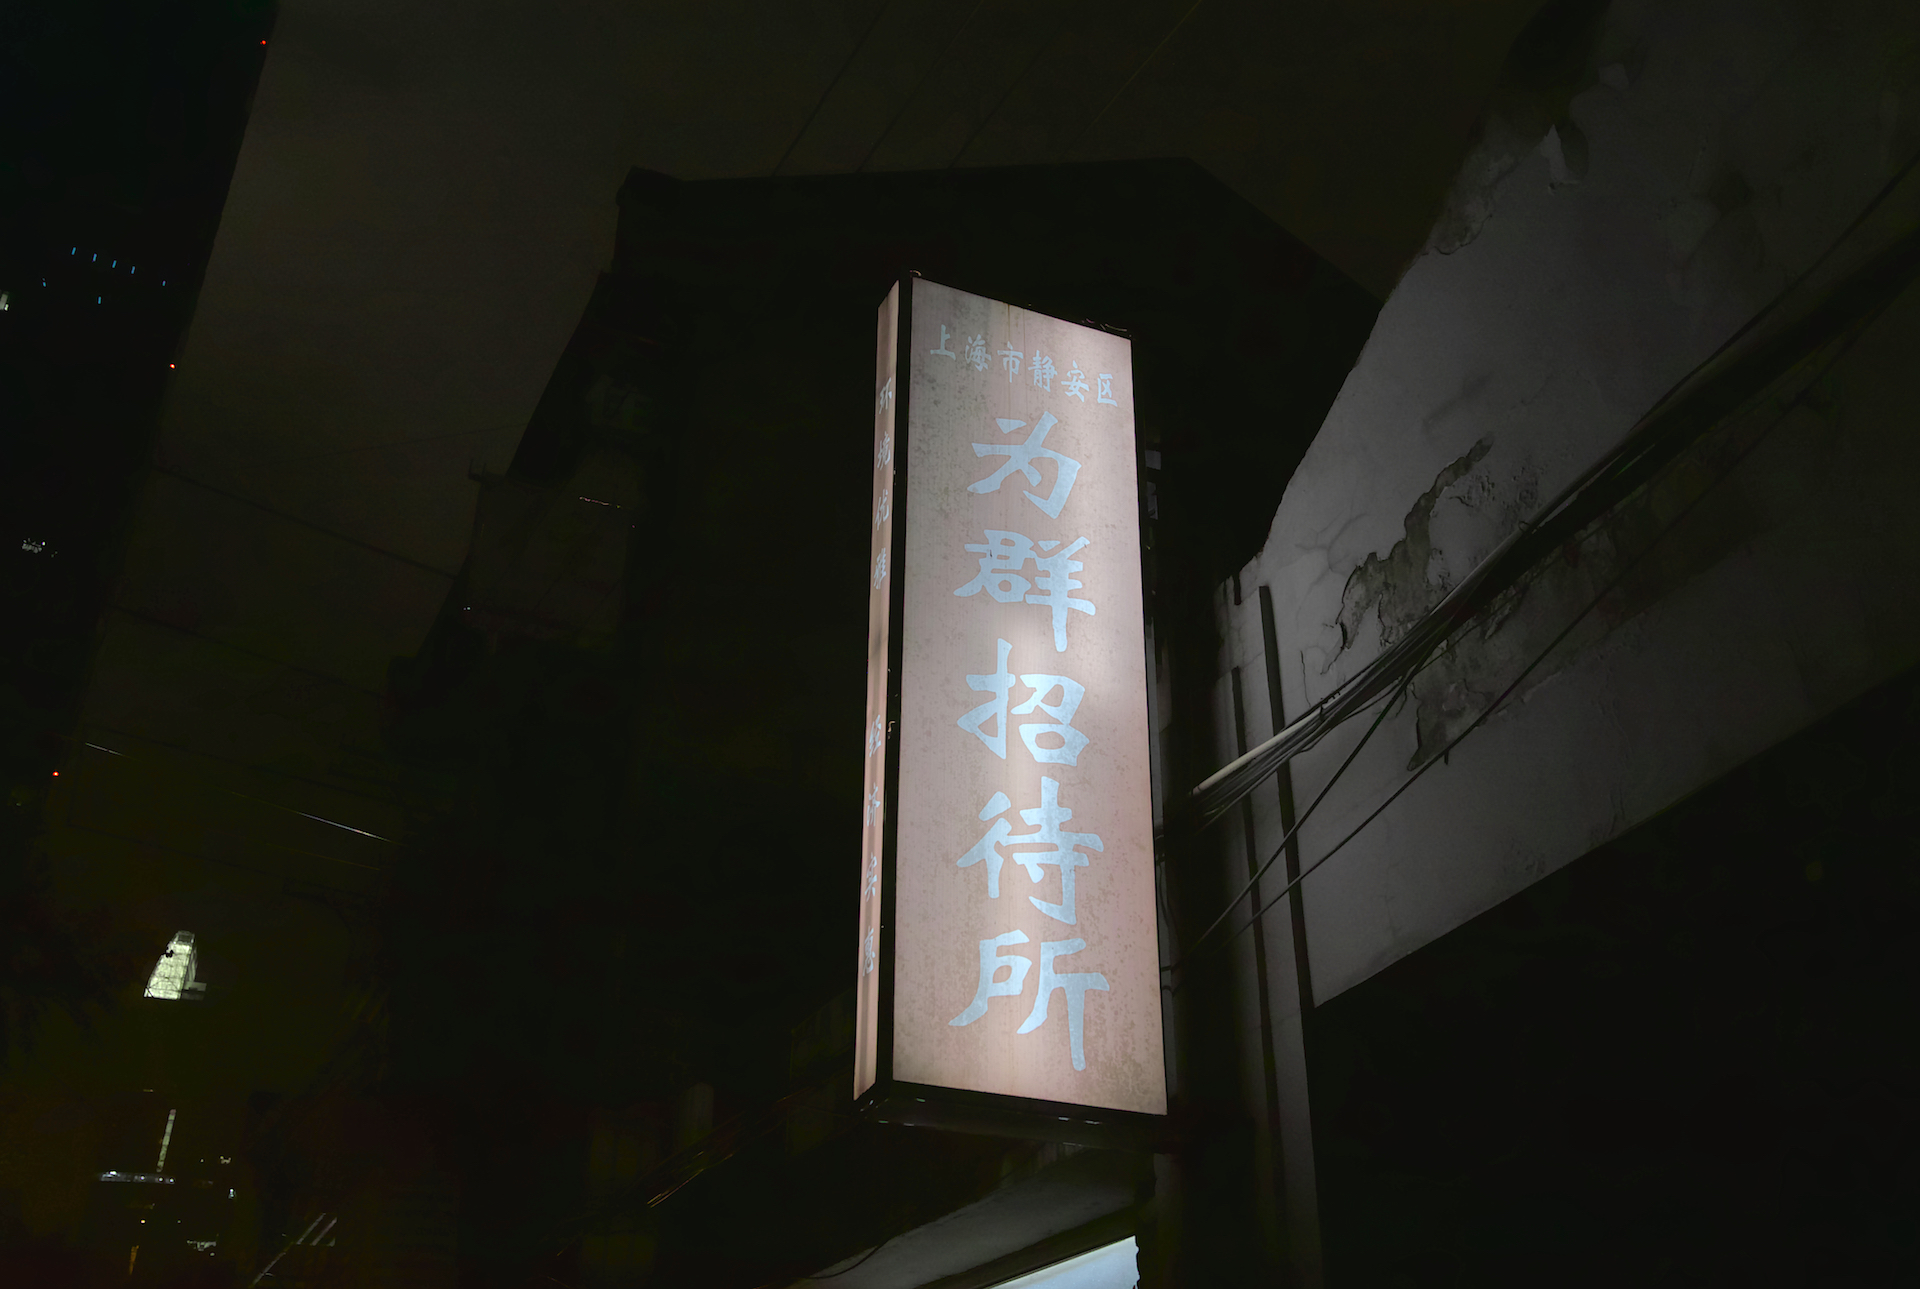 urbansign-3 xinwei